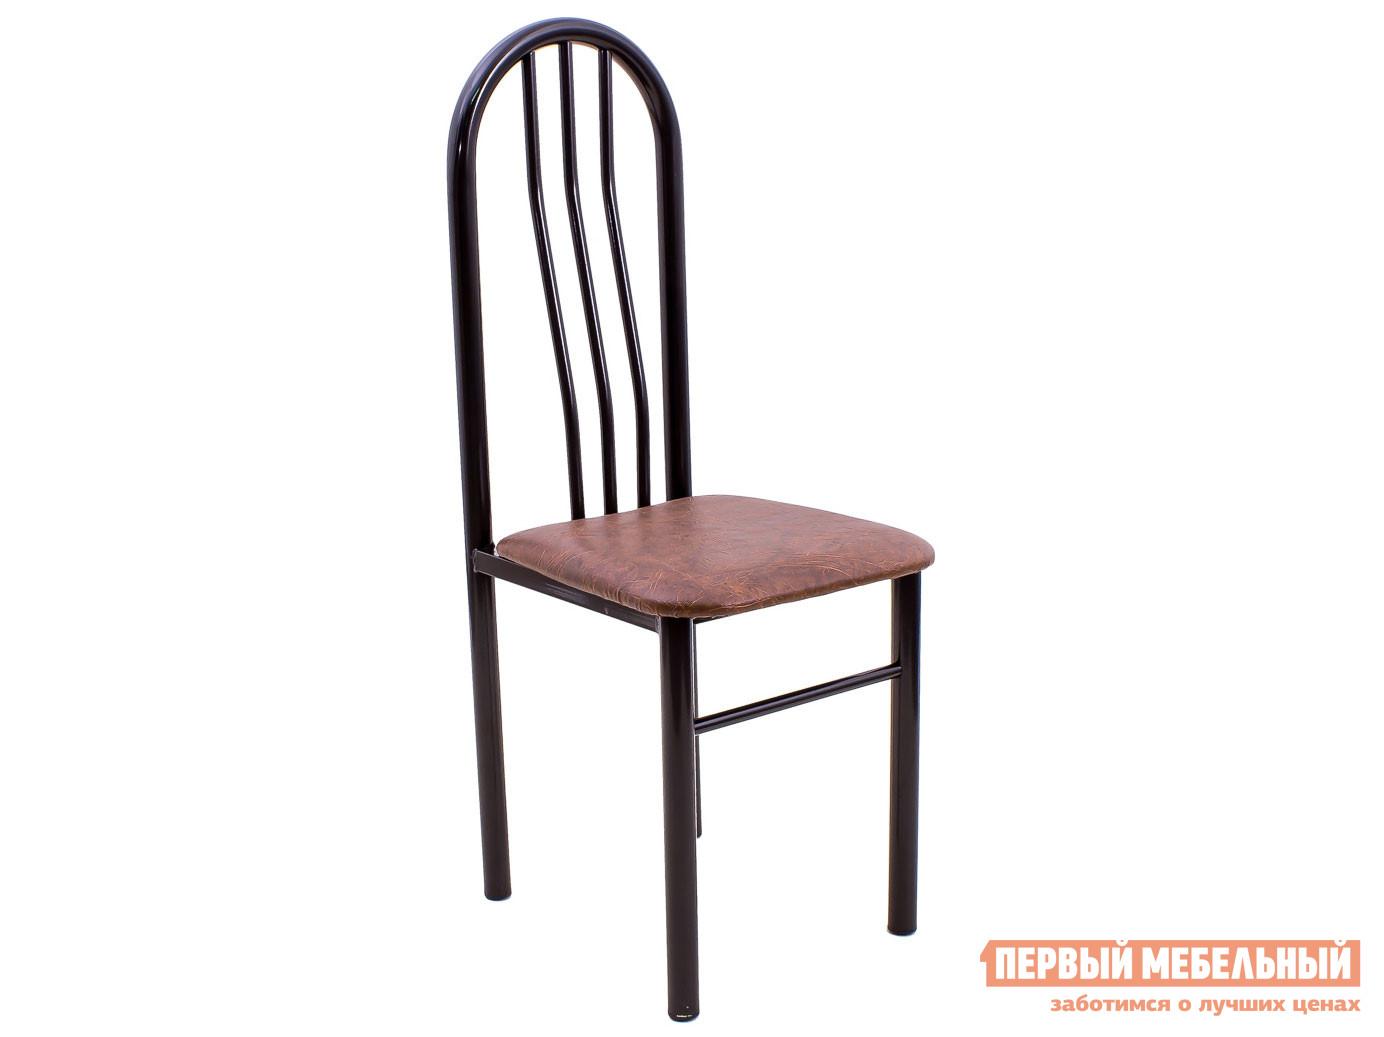 Кухонный стул Амис Классик каркас Черный